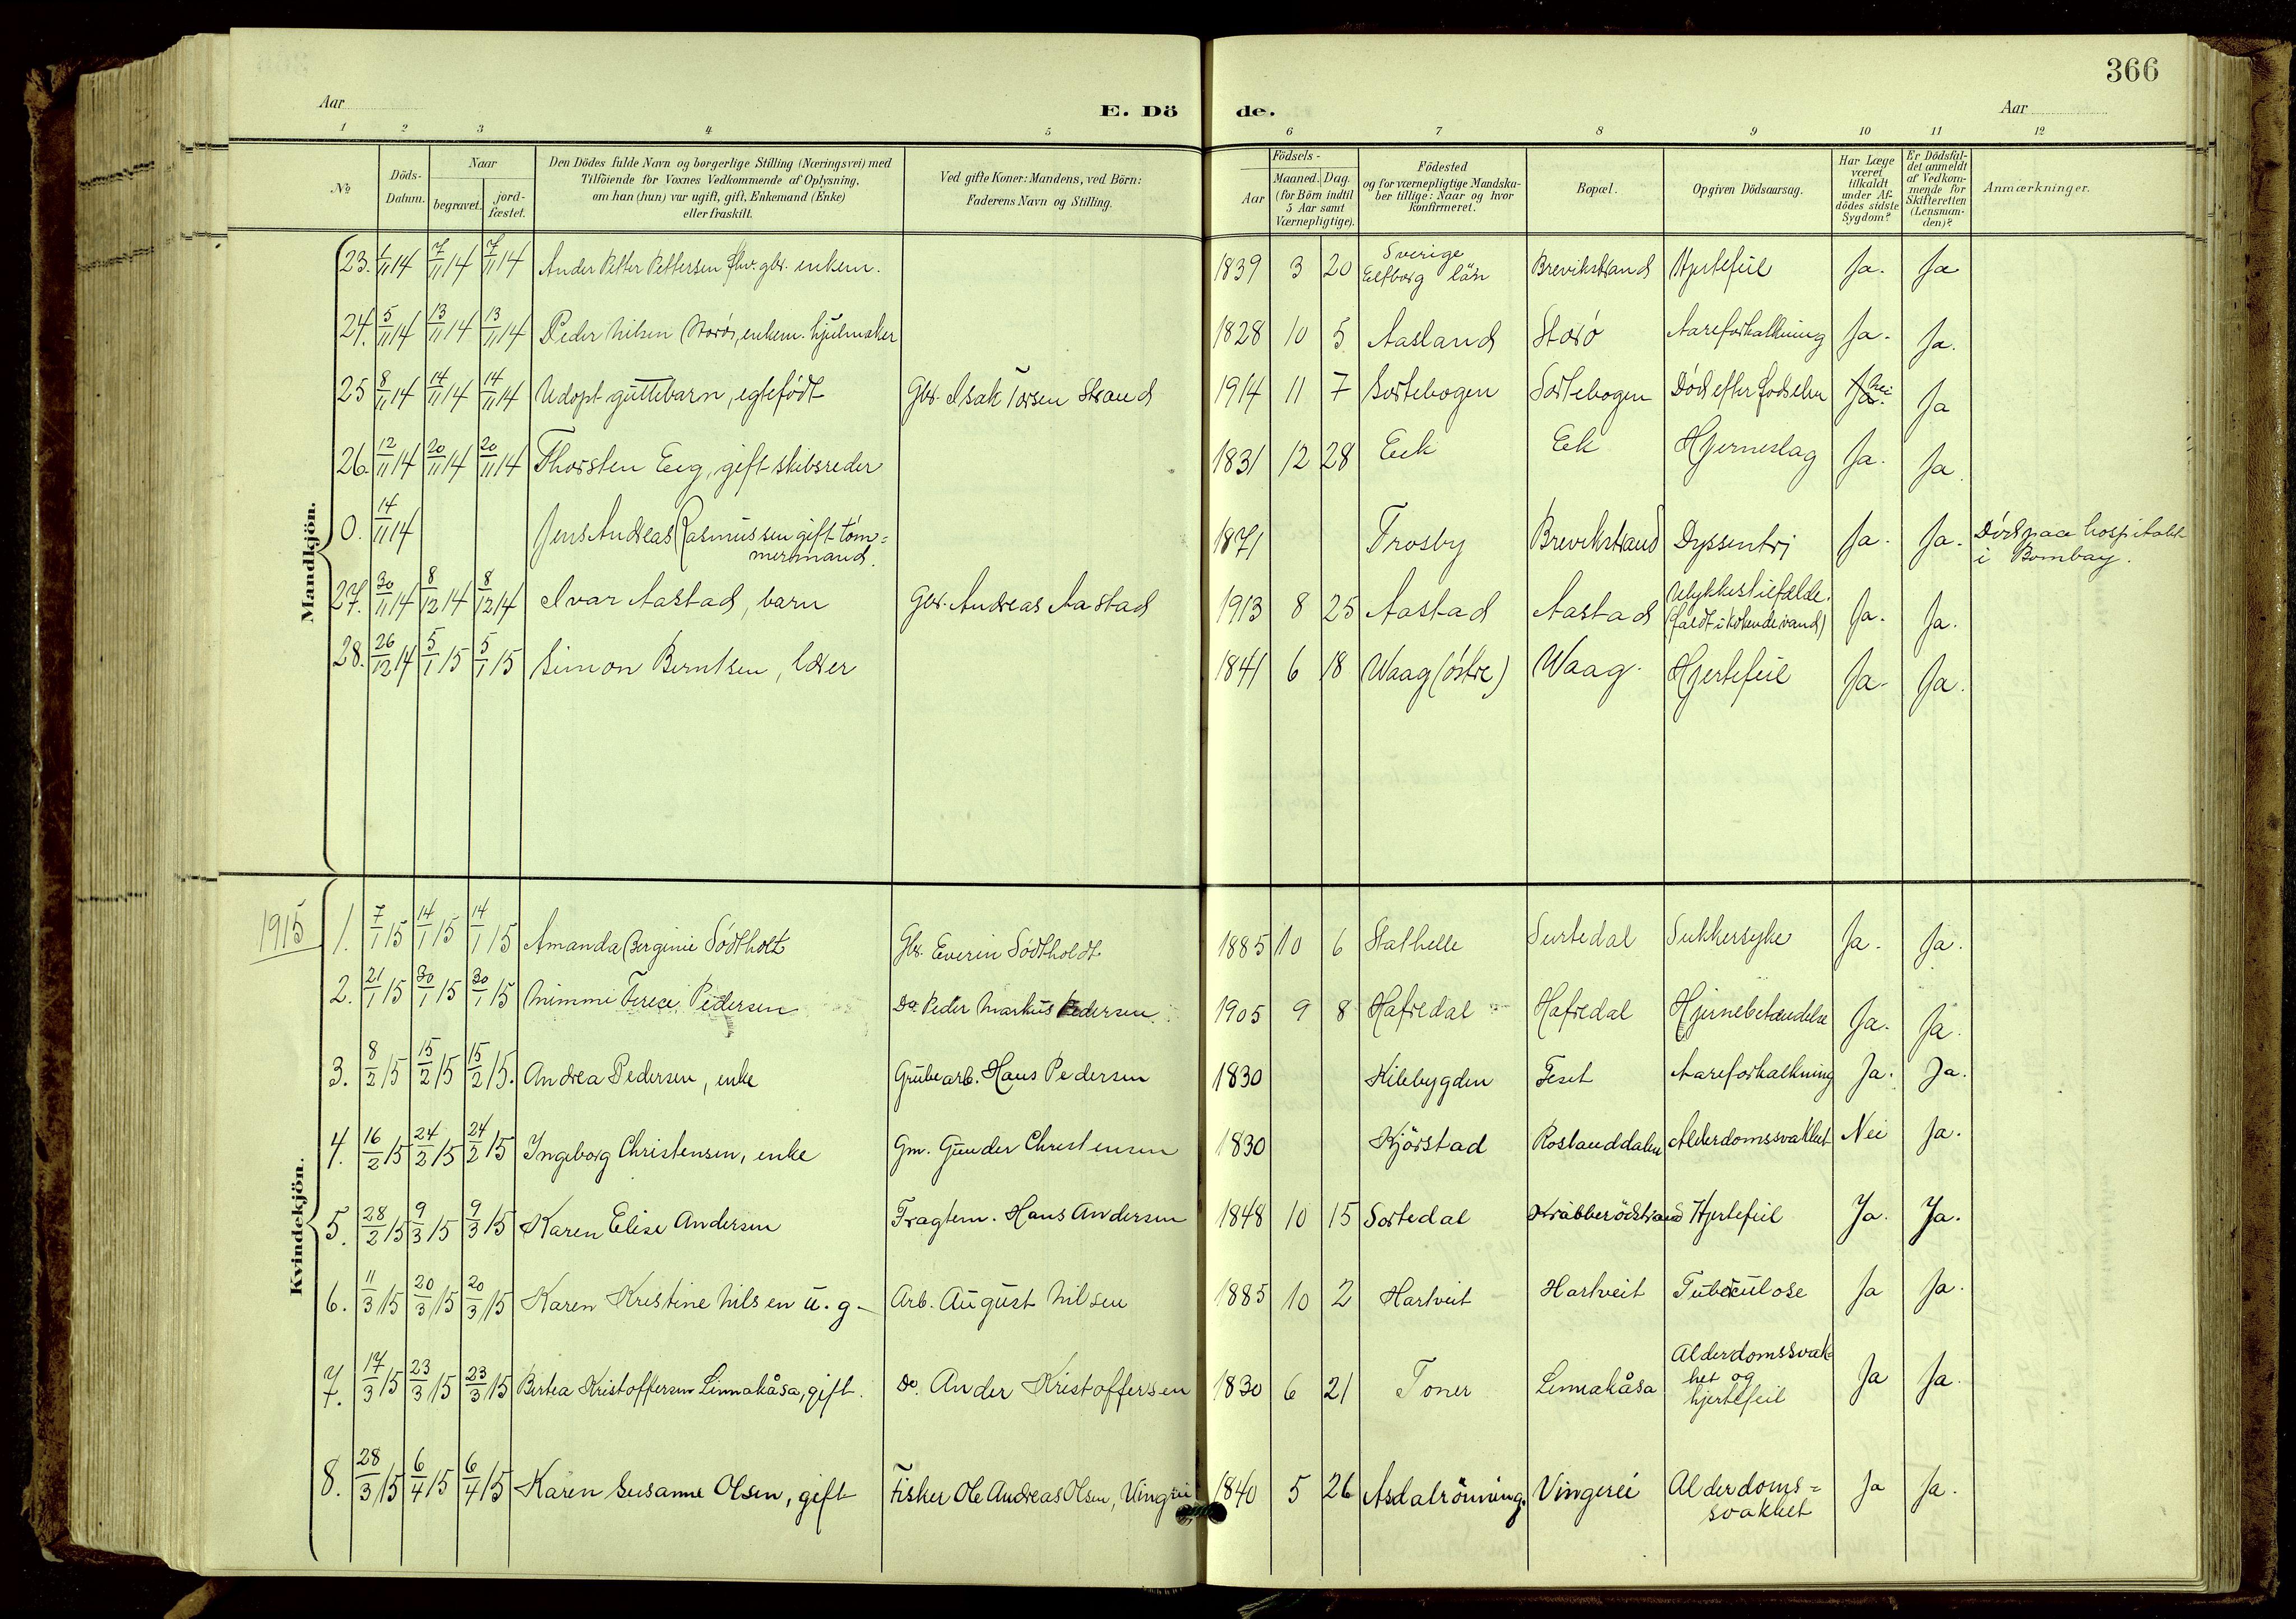 SAKO, Bamble kirkebøker, G/Ga/L0010: Klokkerbok nr. I 10, 1901-1919, s. 366